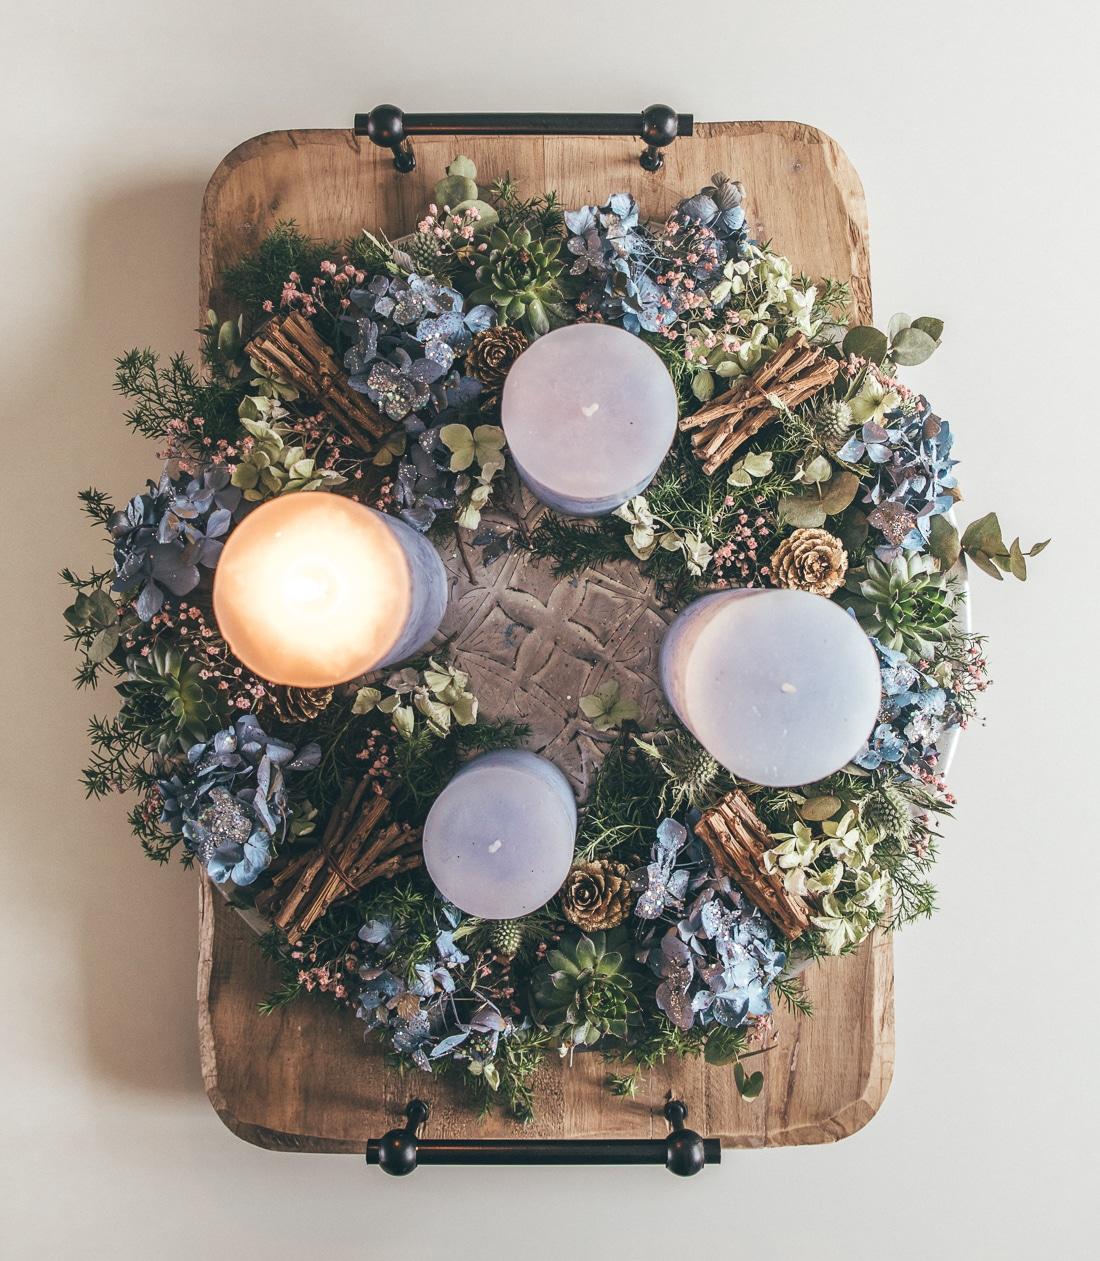 julepynt, inspiration adventskrans, jul